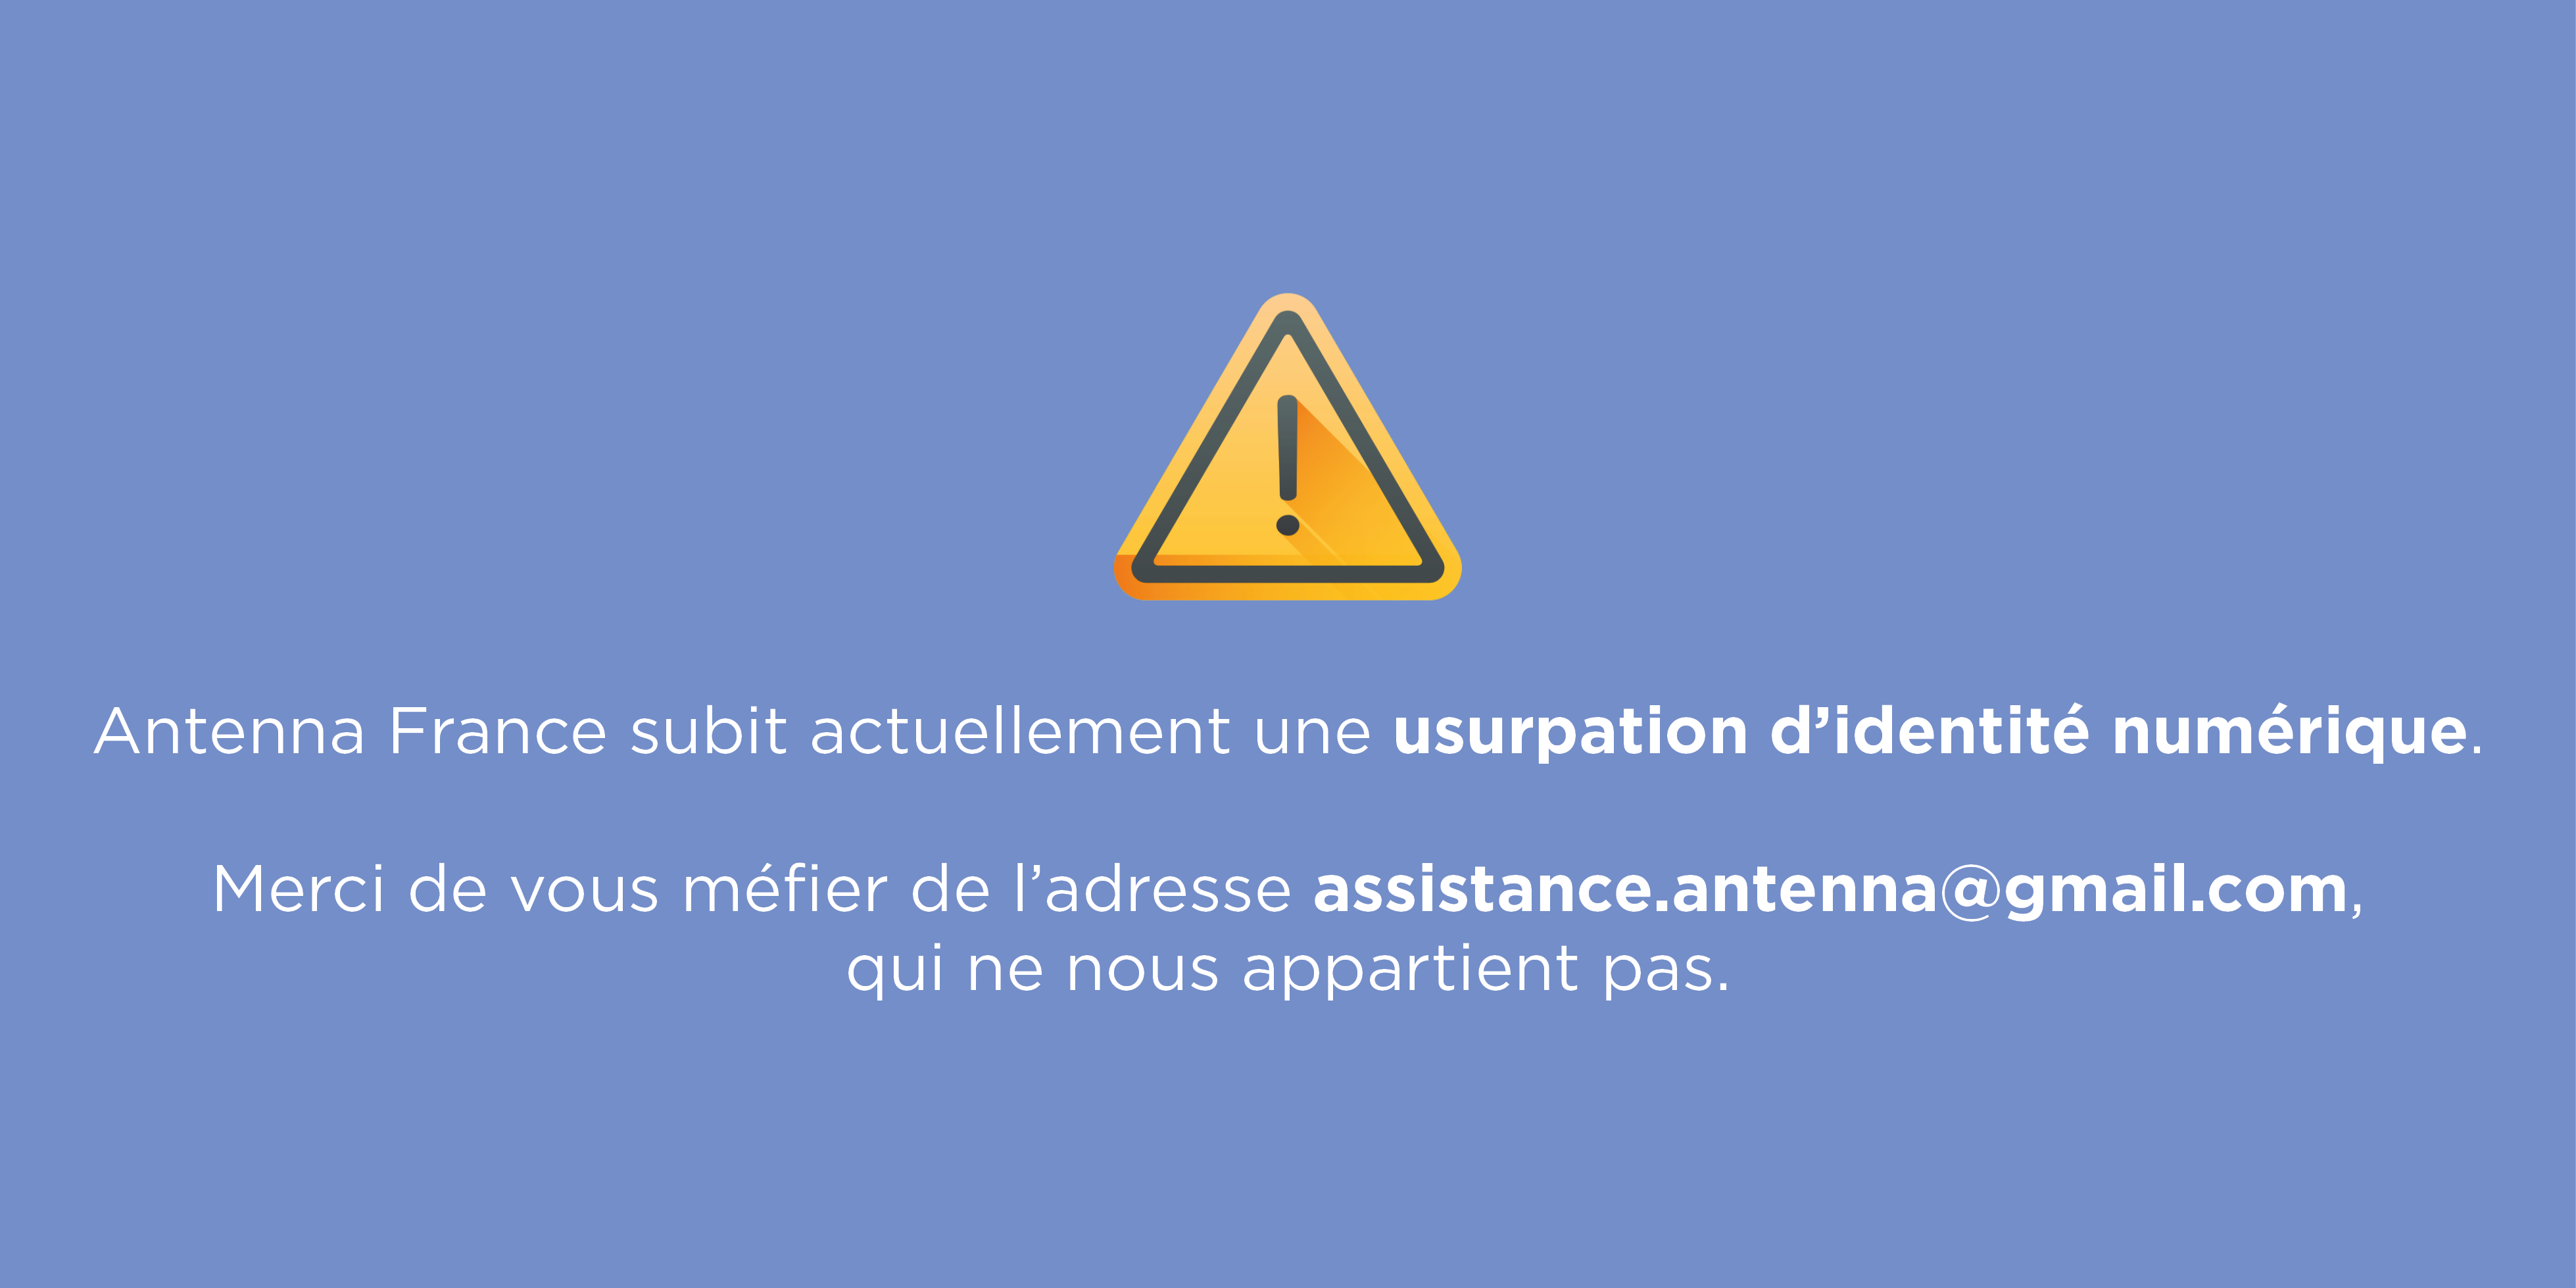 Attention : usurpation d'identité numérique en cours